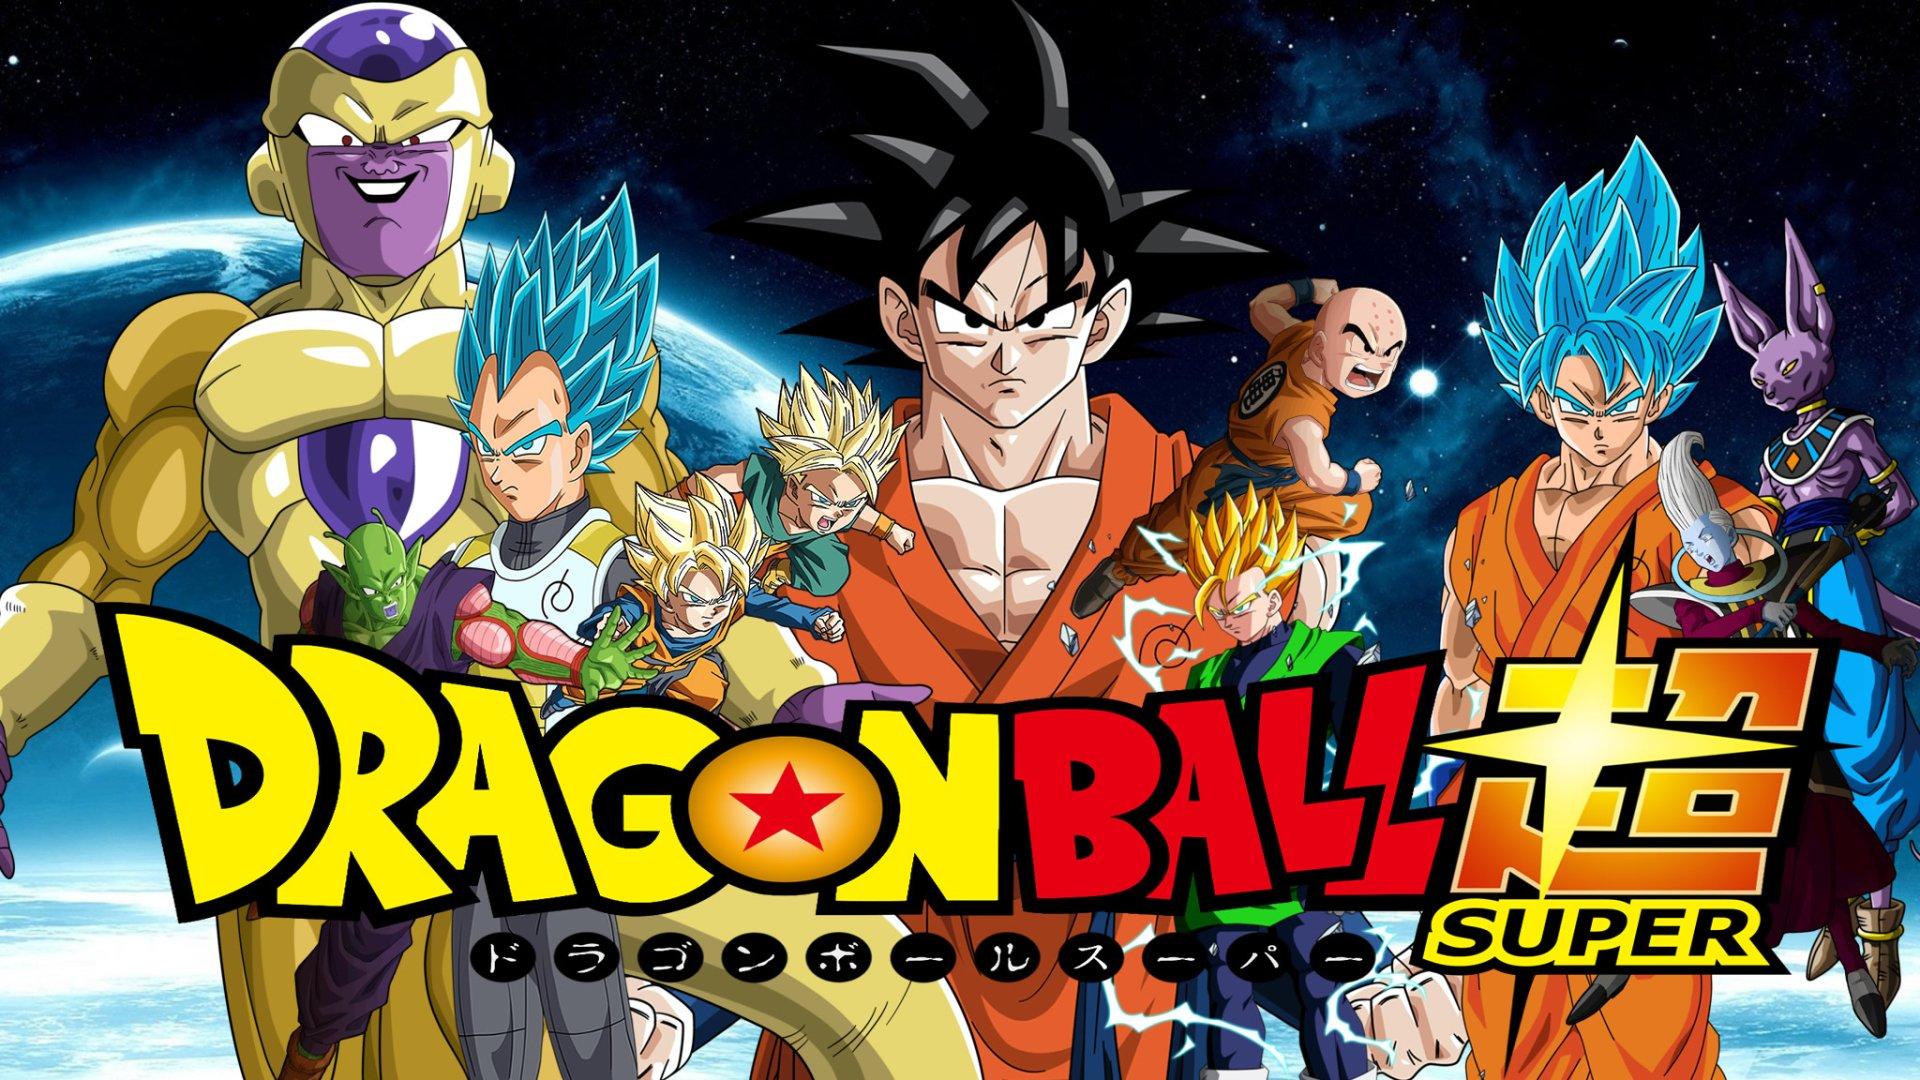 Piccolo Wallpaper Iphone Dragon Ball Super Full Hd Fond D 233 Cran And Arri 232 Re Plan